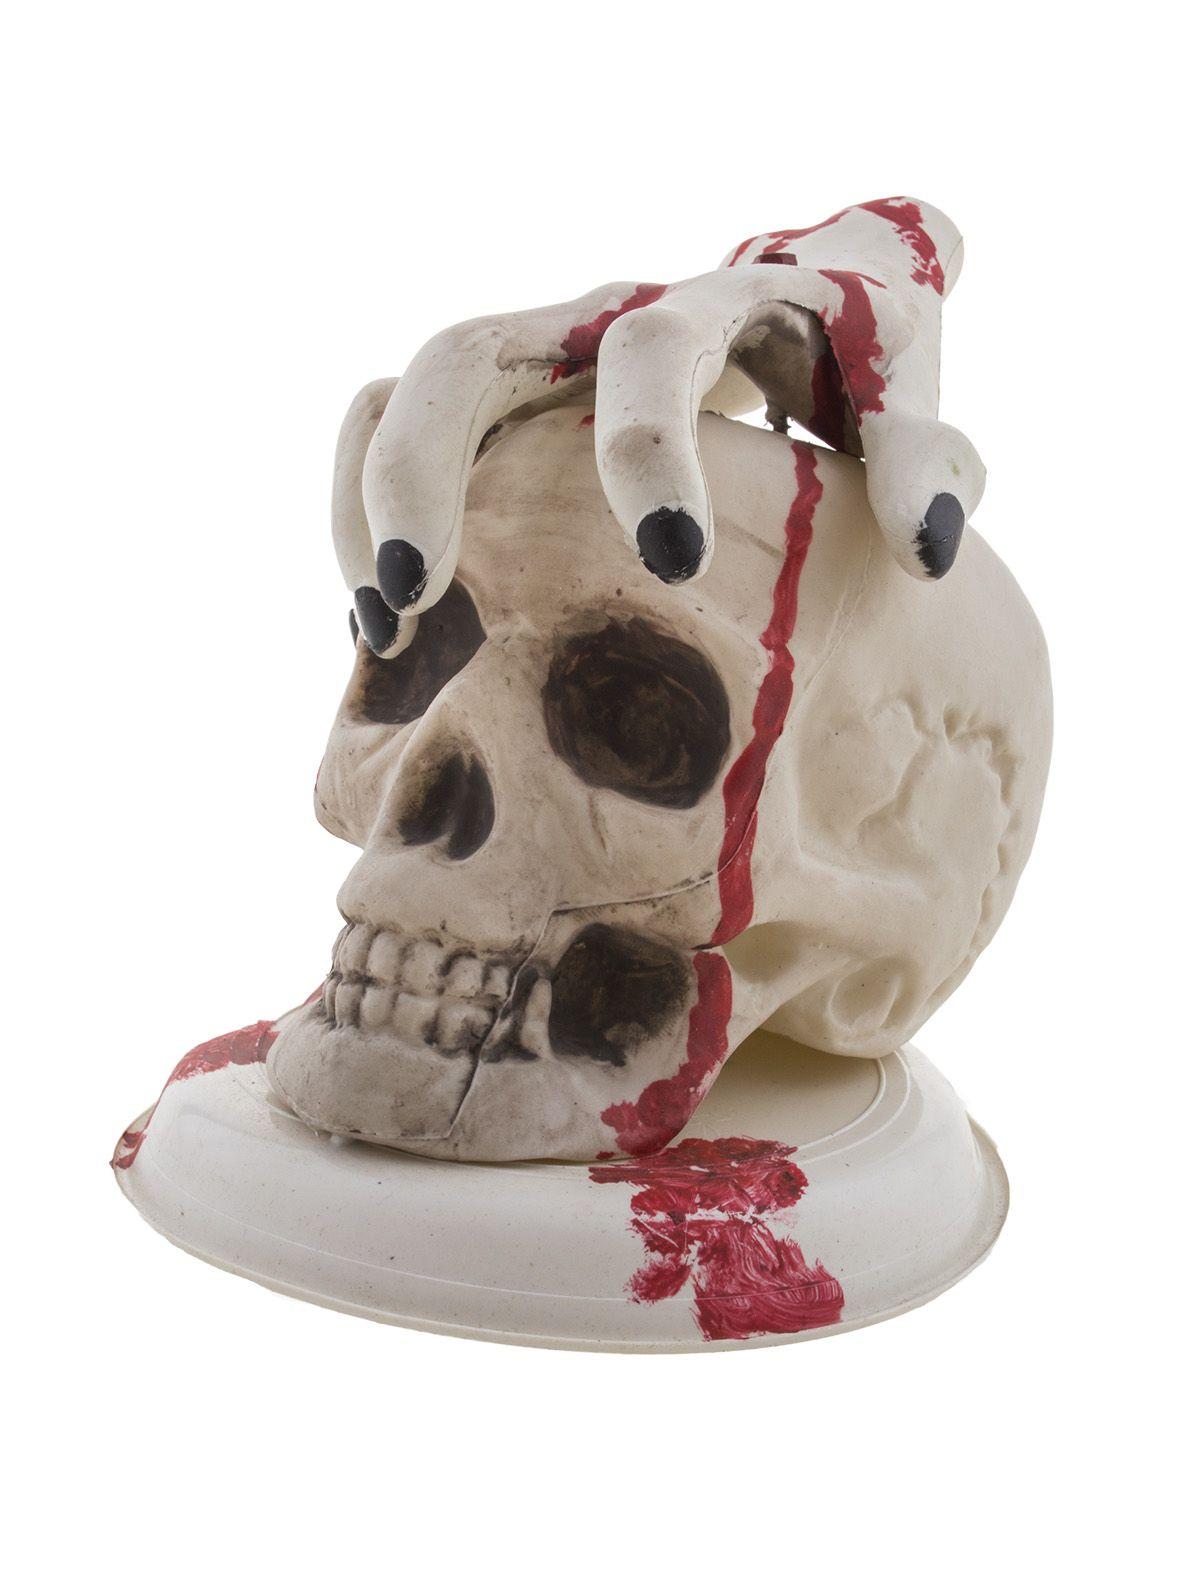 Totenkopf mit Hand und Blut